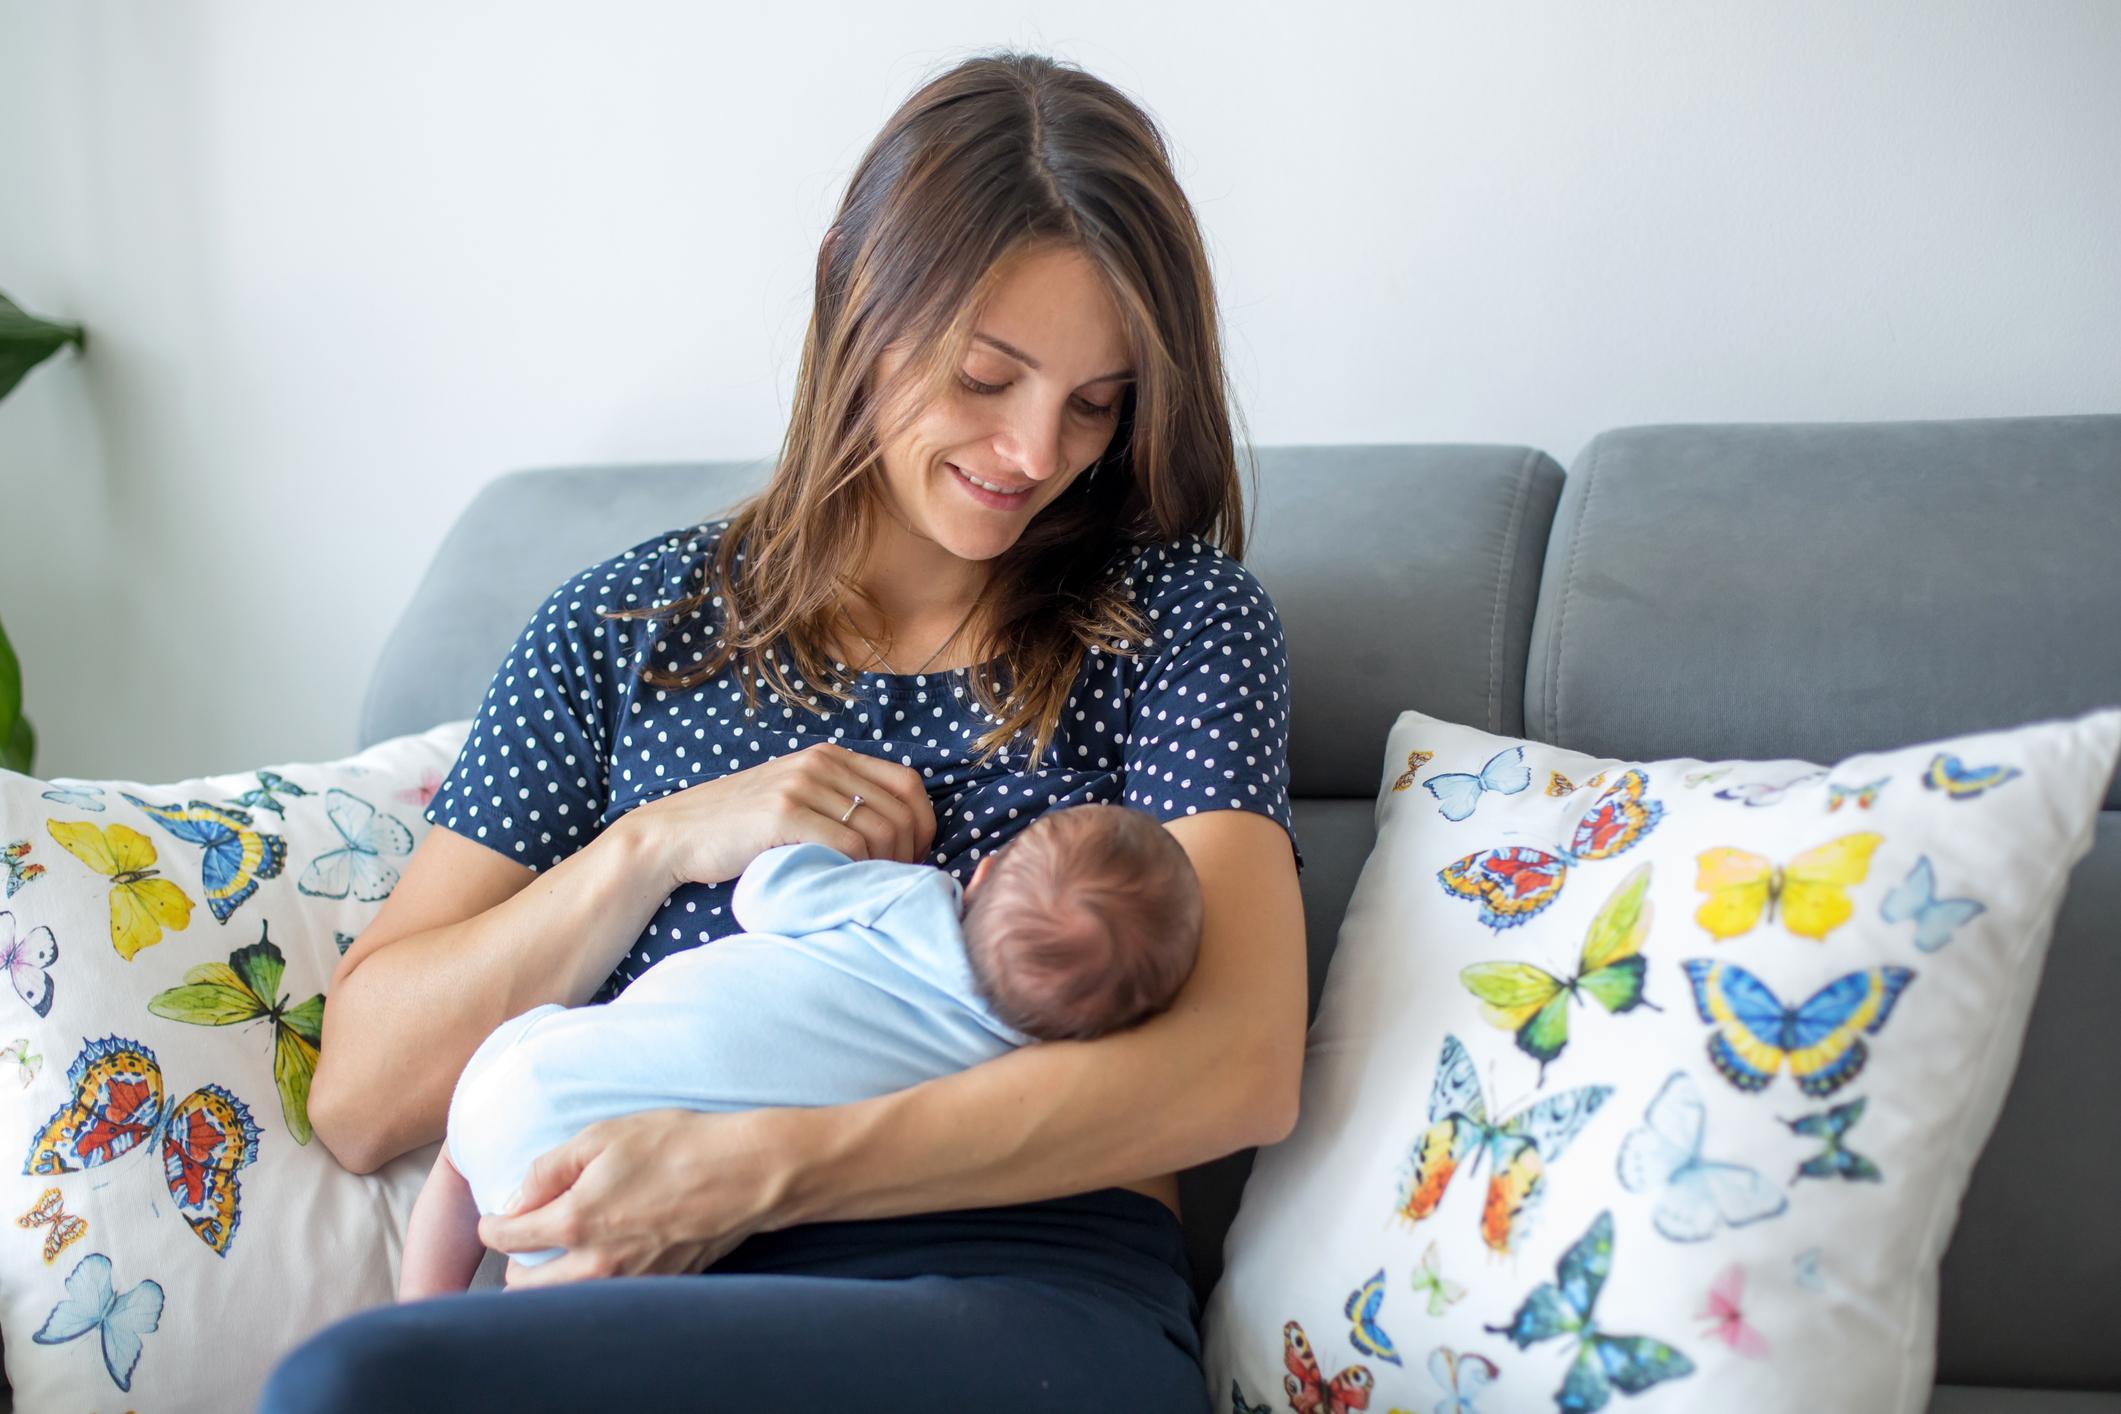 A amamentação é um ato de fundamental importância tanto para o bebê, quanto para a mãe. Mas, pelo ganho de peso na gravidez, algumas mulheres optam por iniciar uma dieta restritiva